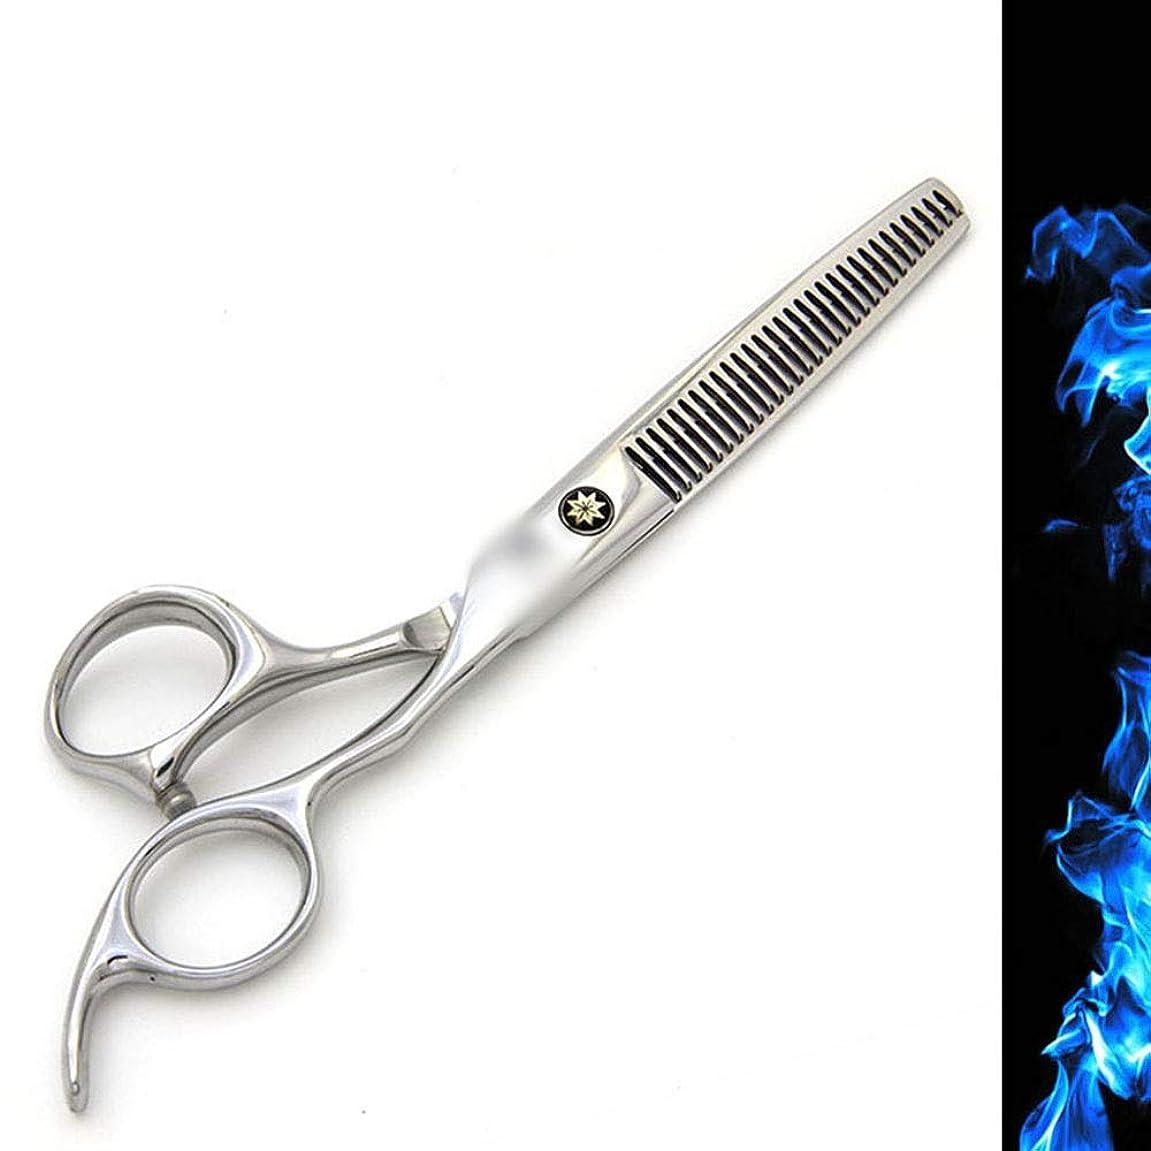 アルバニー取り出す不満6インチ美容院プロフェッショナル理髪セット、理髪はさみフラット+歯せん断高品位本物のセット モデリングツール (色 : Silver)